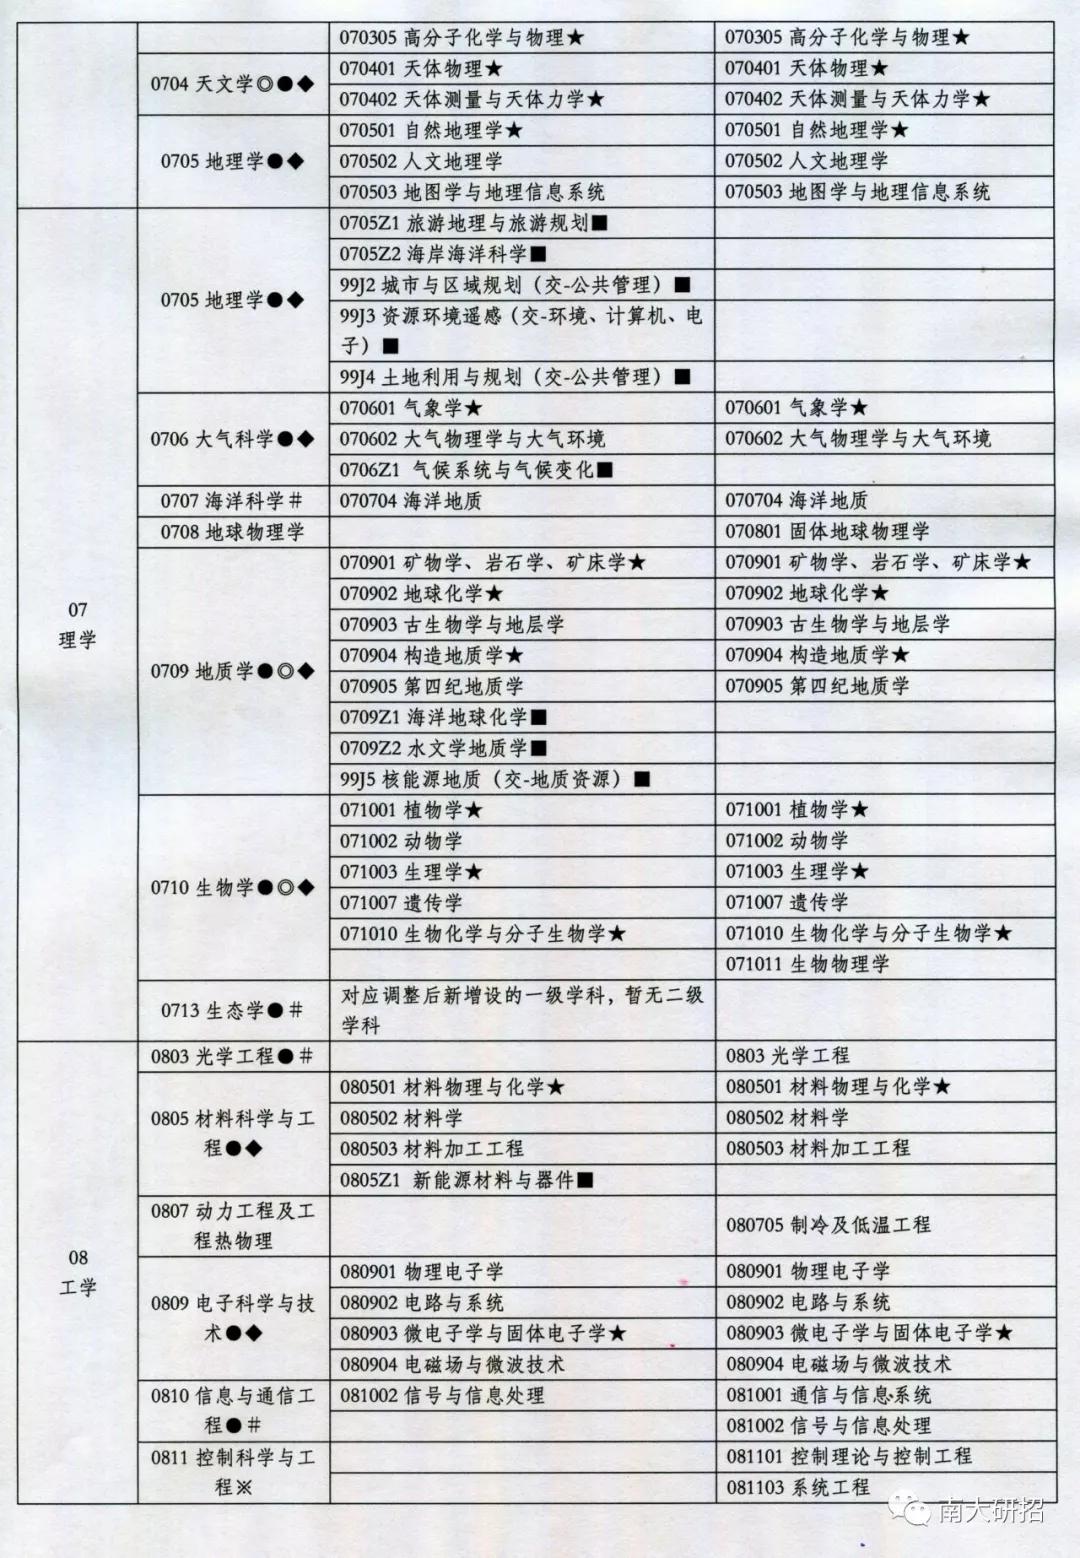 重要通知 这几所学校公布了19考研招生信息